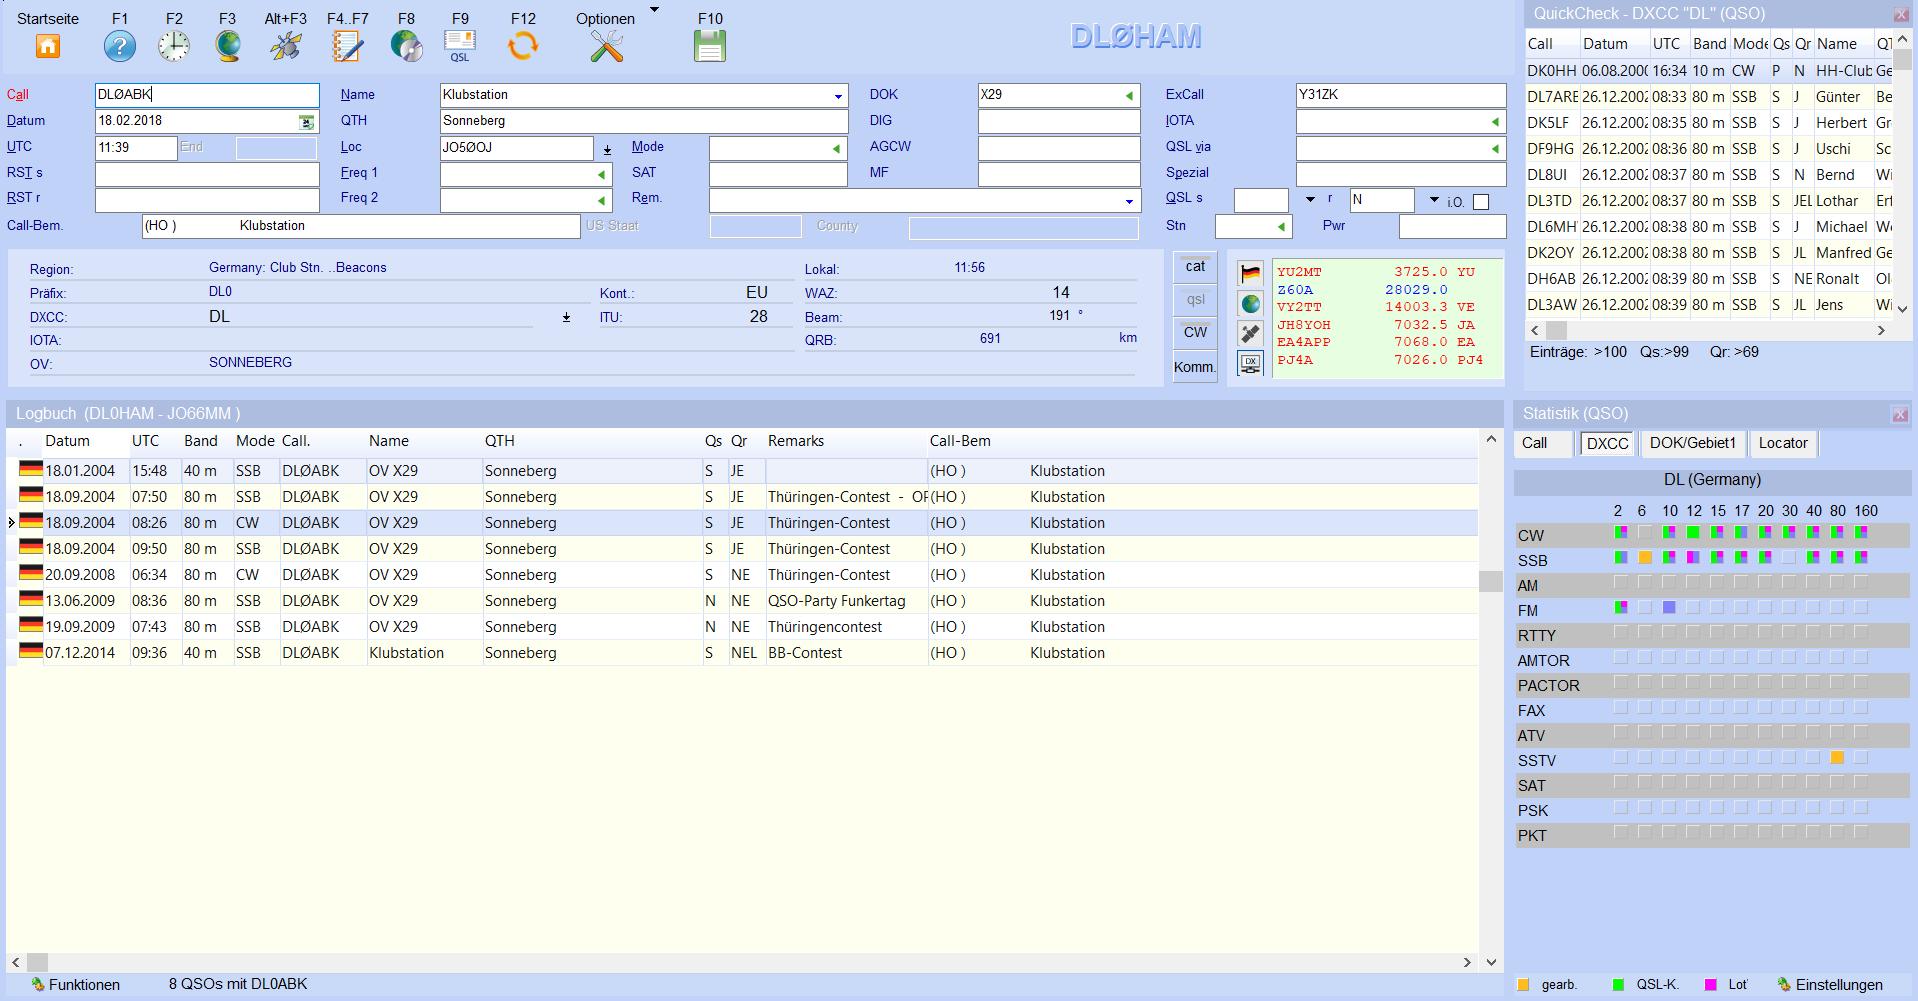 qsoeingabe-einteilung quickcheck log statistik hamoffice mein amateurfunk logbuch